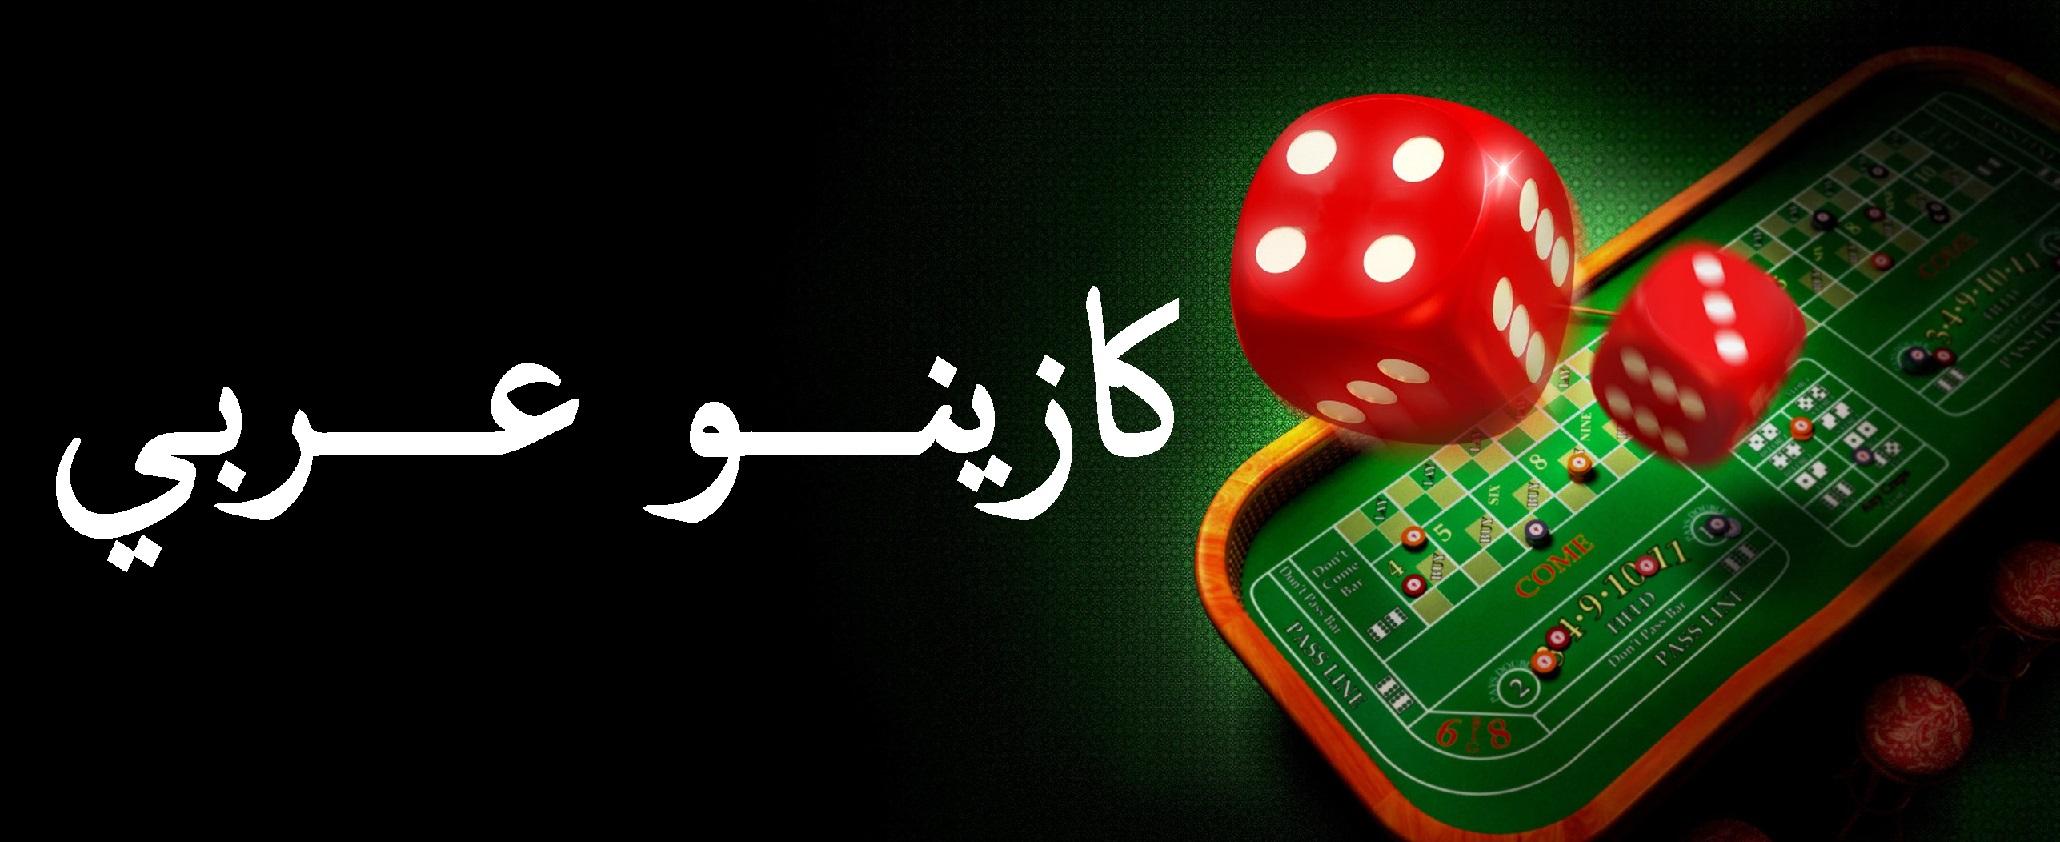 العاب اون لاين - 21183